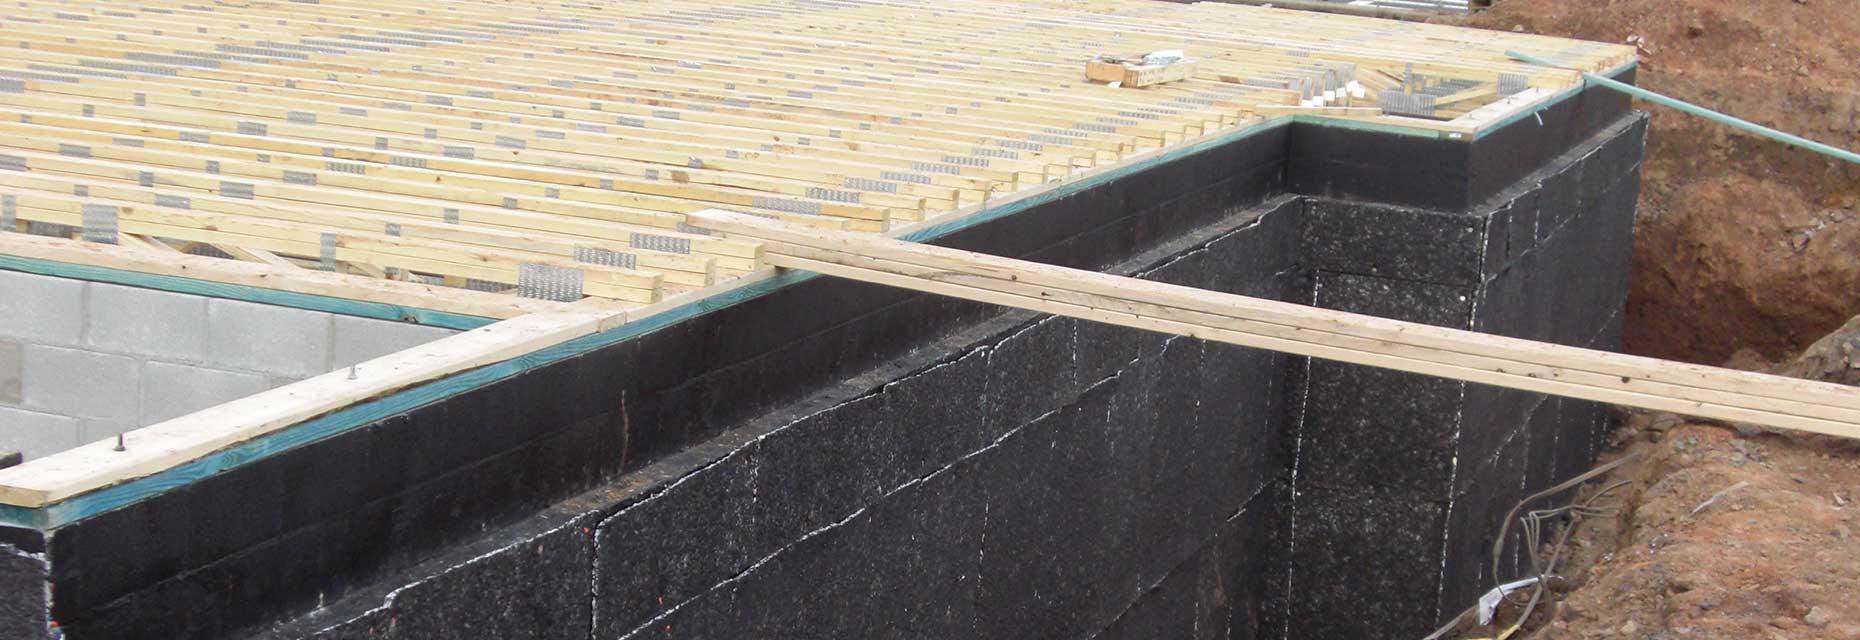 Basement Wall and Floor Crack Repair